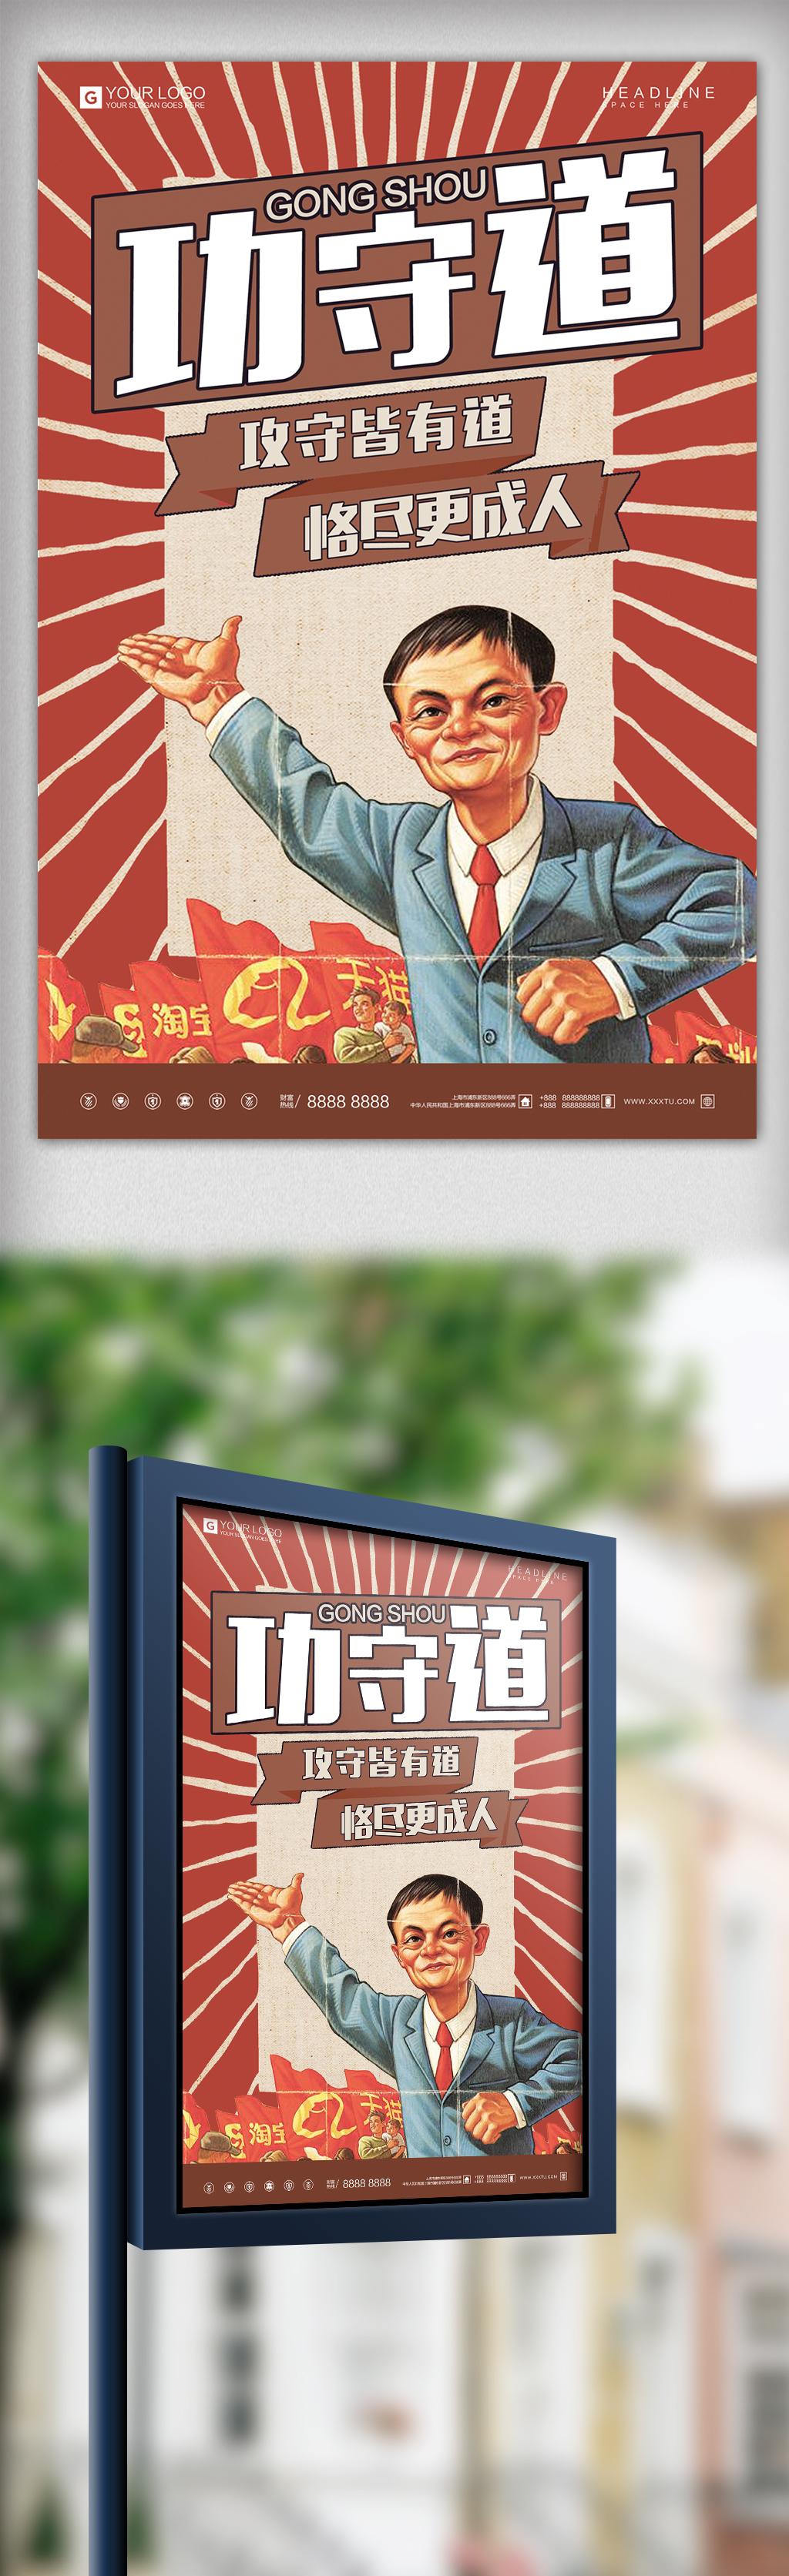 平面|广告设计 海报设计 体育海报 > 时尚复古功守道创意宣传海报图片